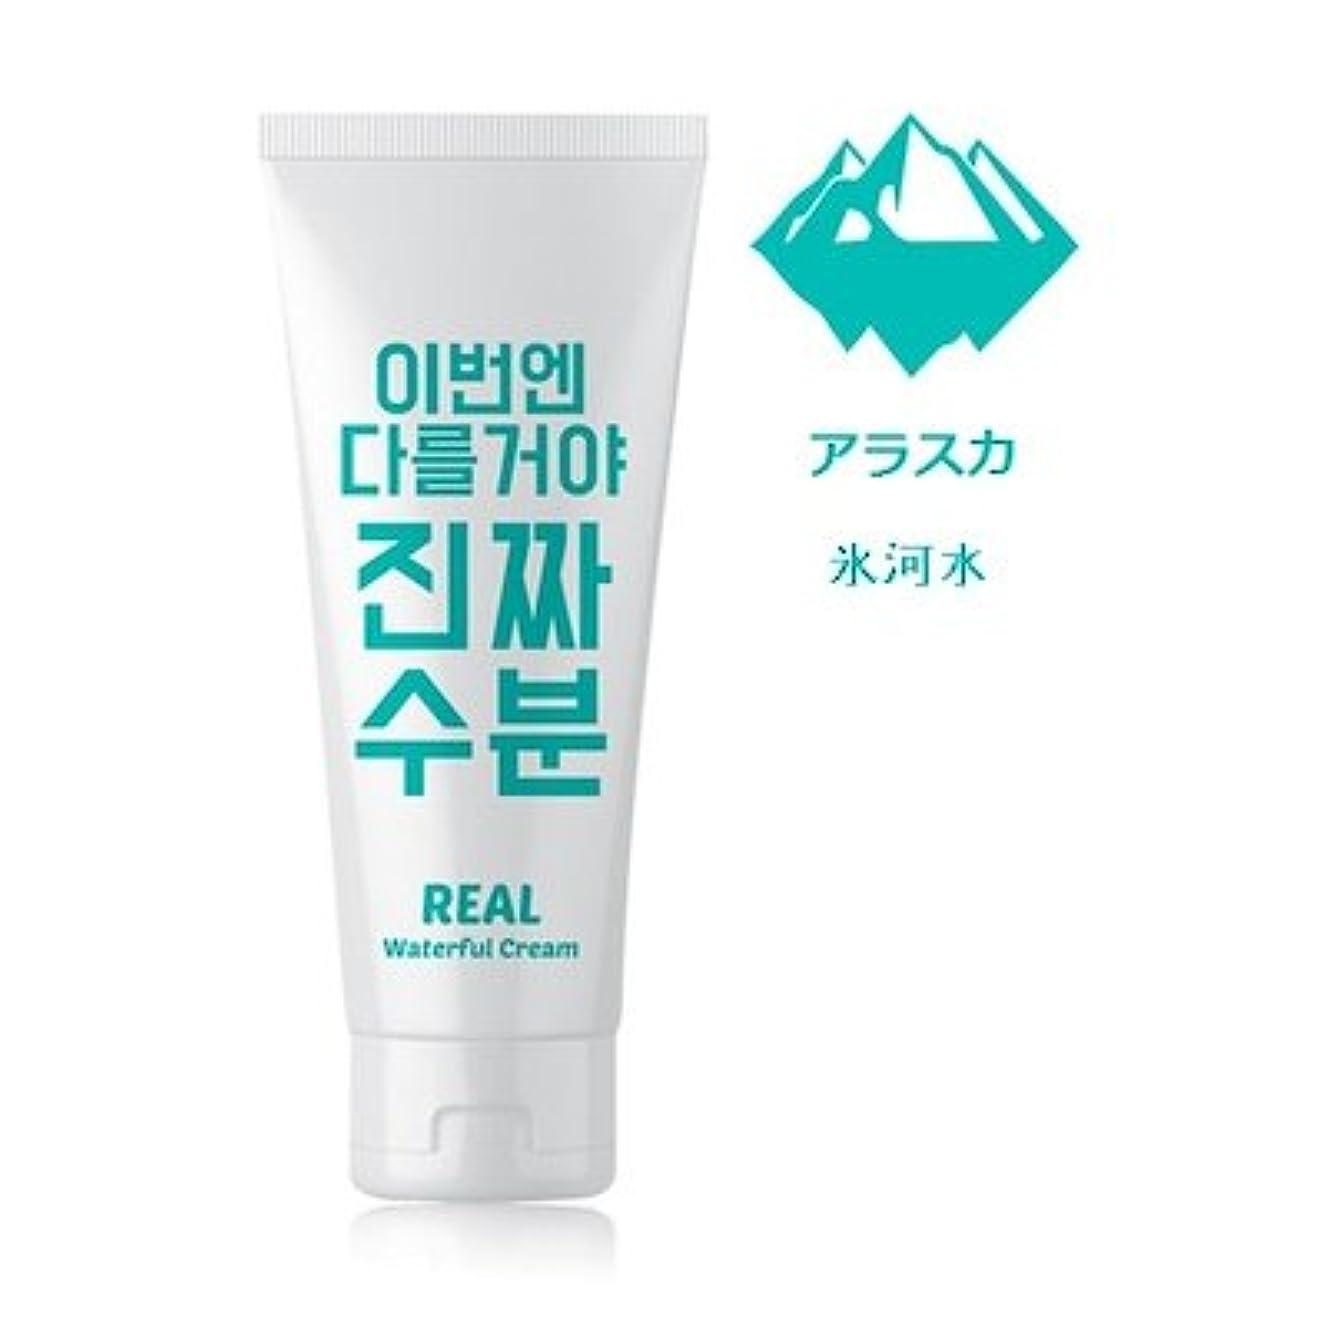 テスト言い換えるとくちばしJaminkyung Real Waterful Cream/孜民耕 [ジャミンギョン] 今度は違うぞ本当の水分クリーム 200ml [並行輸入品]